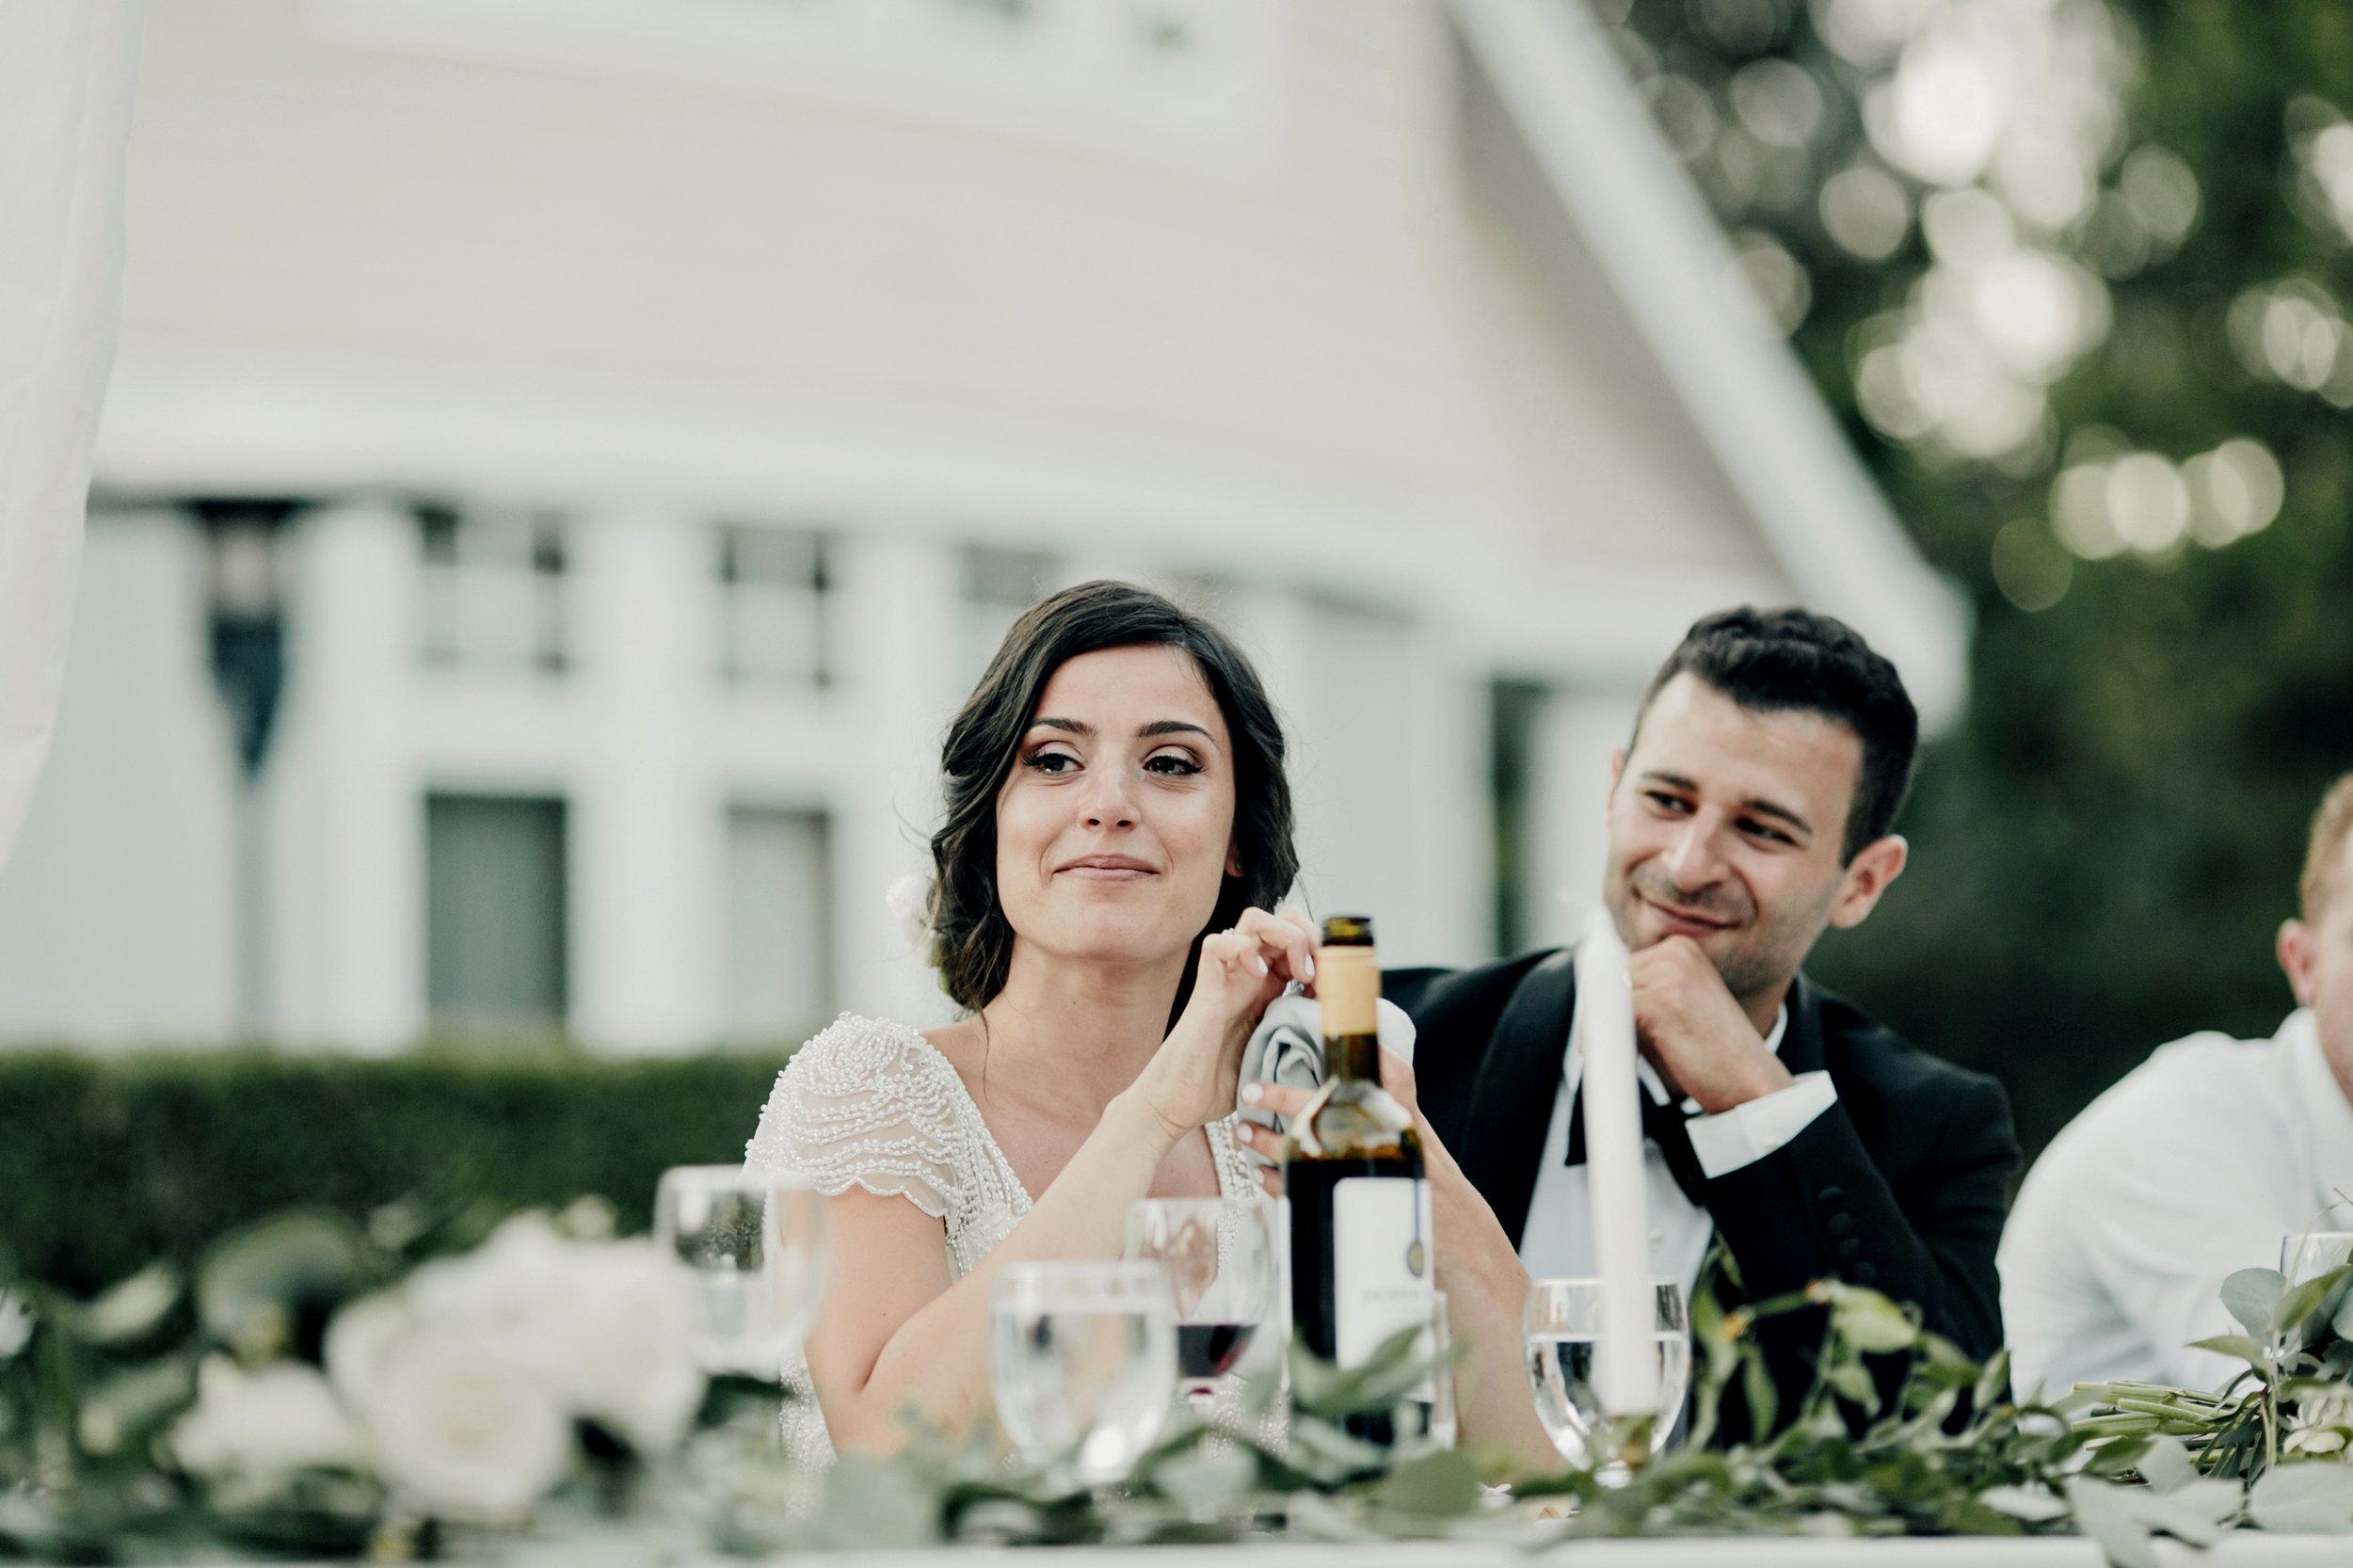 taylor-roades-weddings-0203.JPG